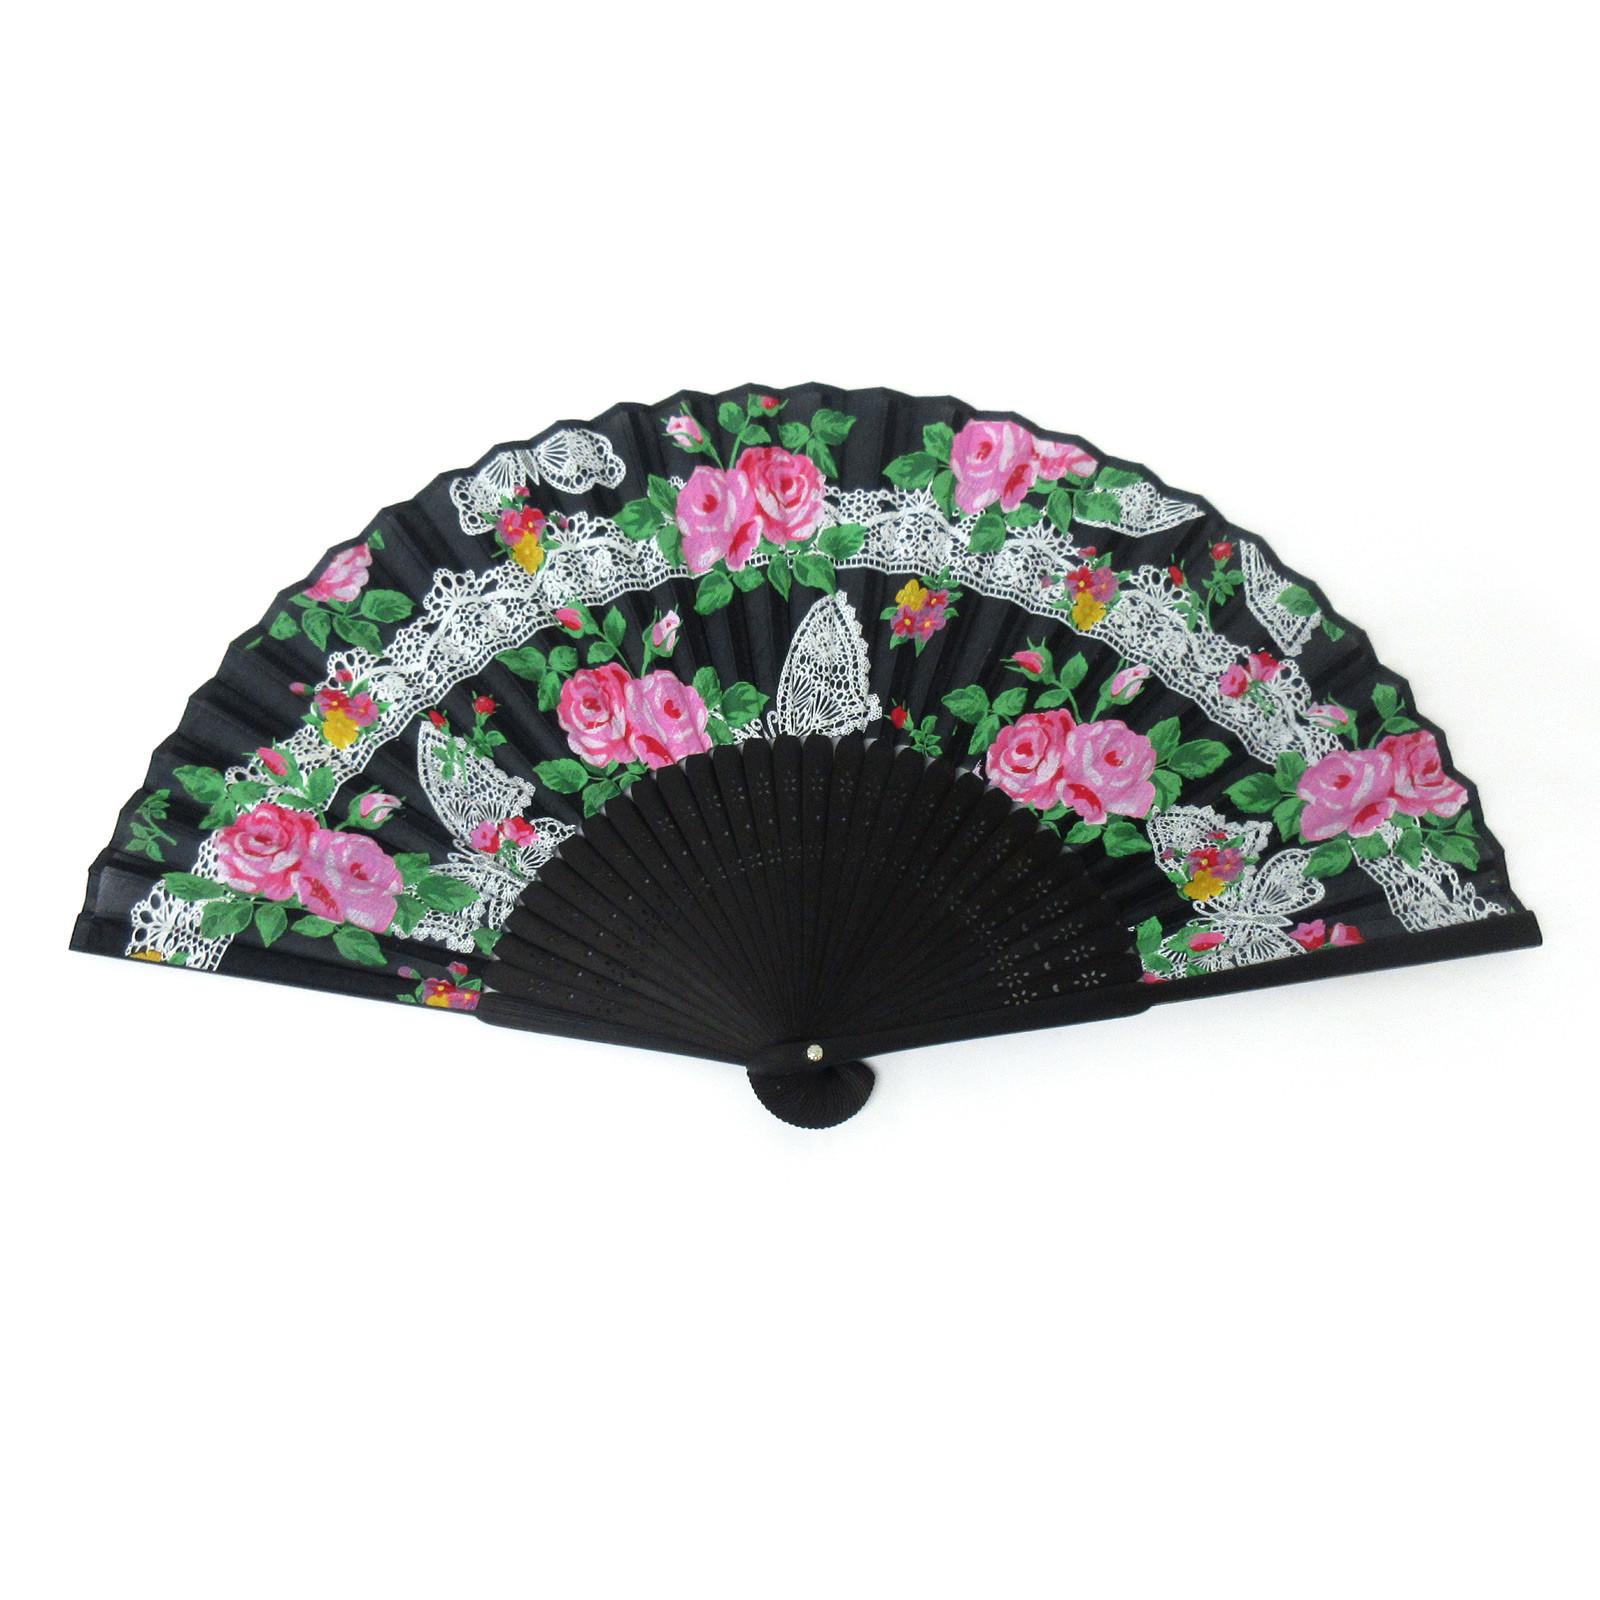 Black Lace Fan Accessory